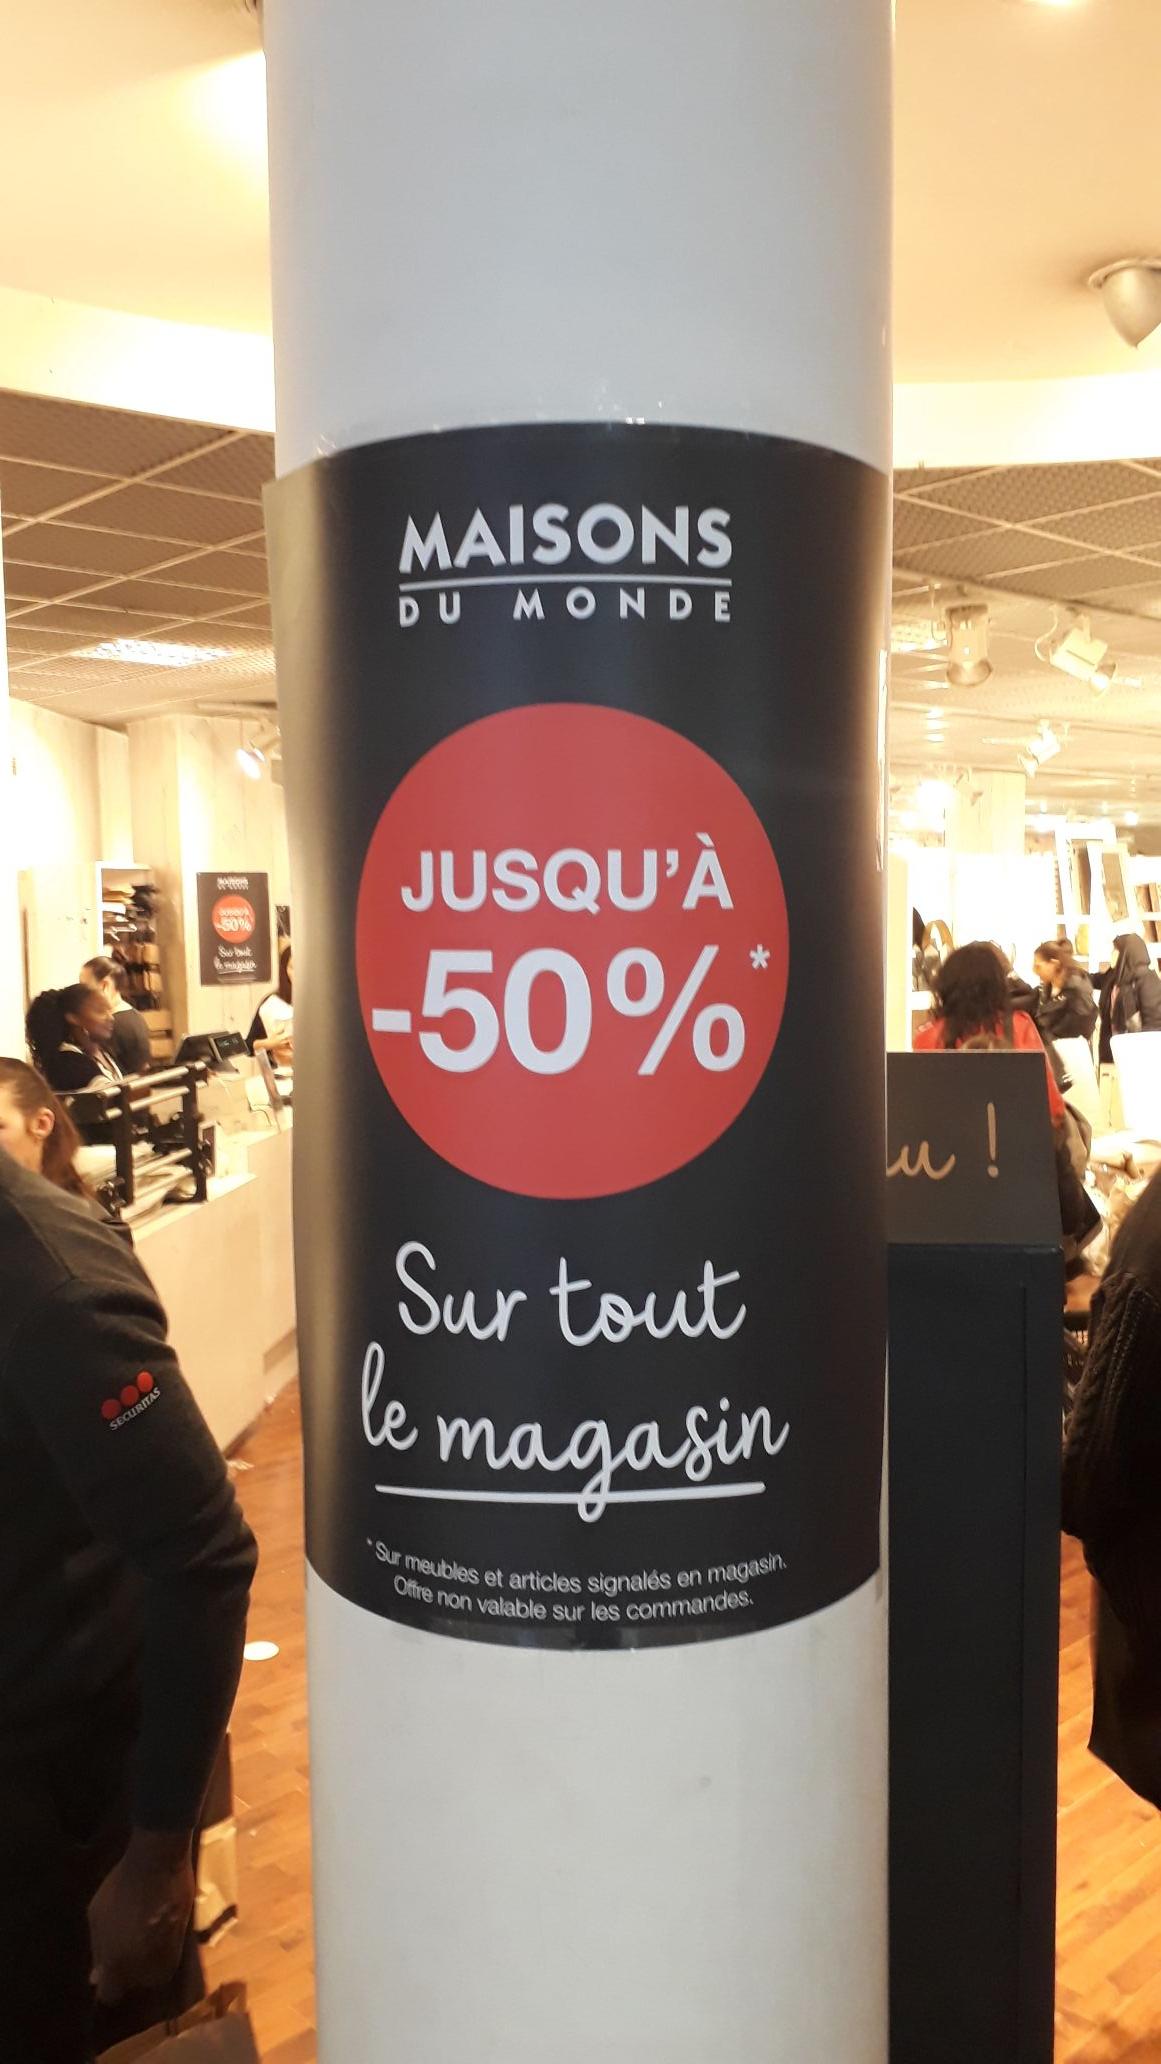 Jusqu'à 50% de réduction sur tout le magasin (liquidation avant travaux) - Thiais (94)